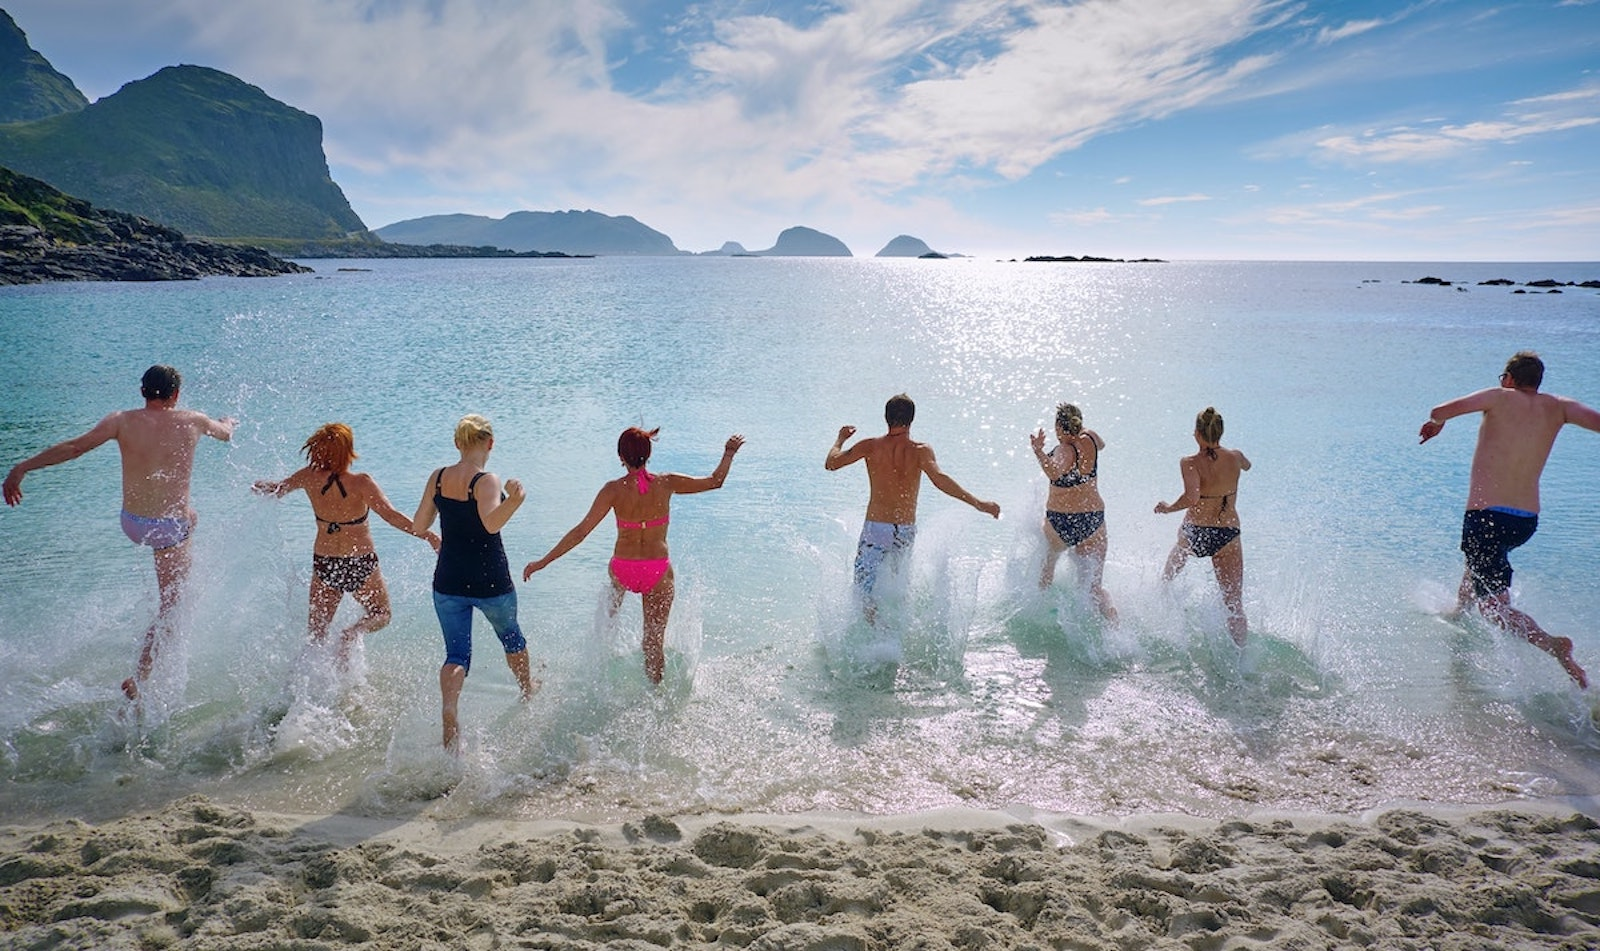 Menschen laufen gemeinsam ins Wasser